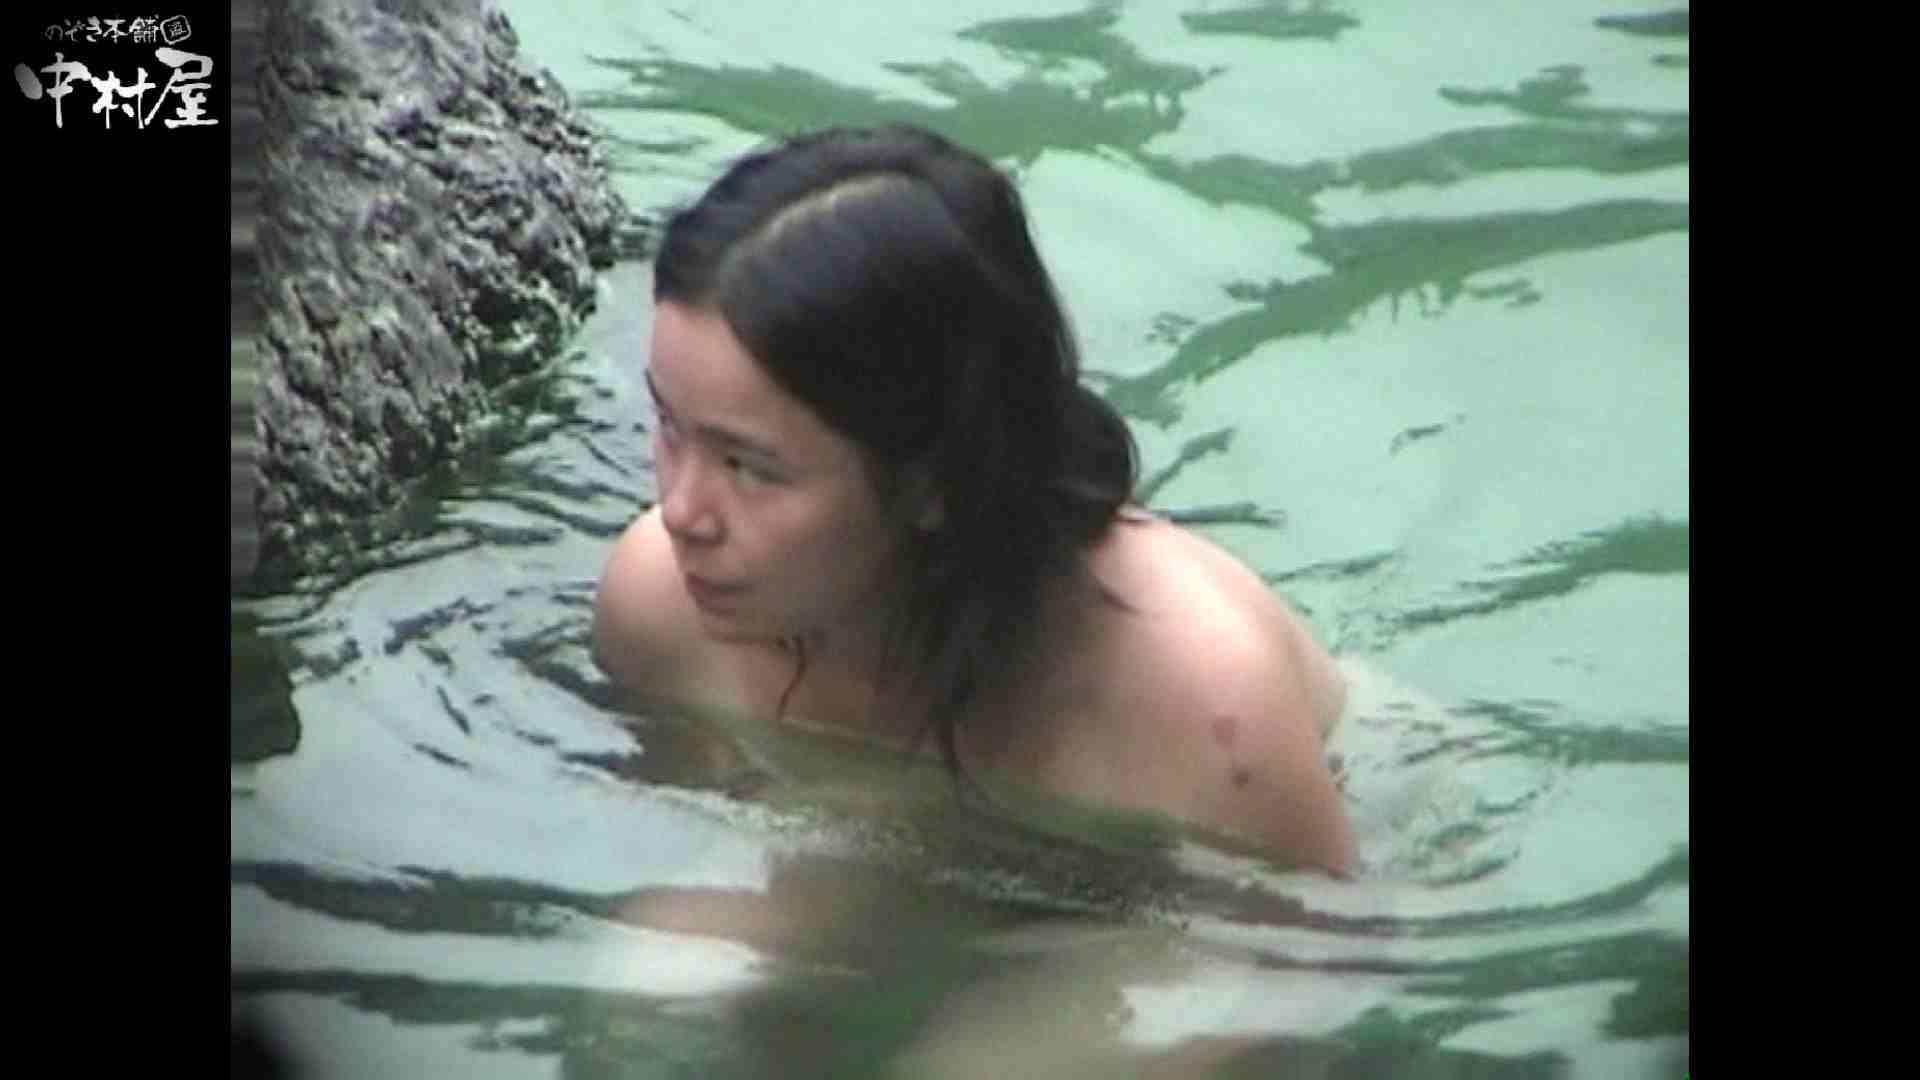 Aquaな露天風呂Vol.954 OLのエロ生活 | 盗撮  113連発 67